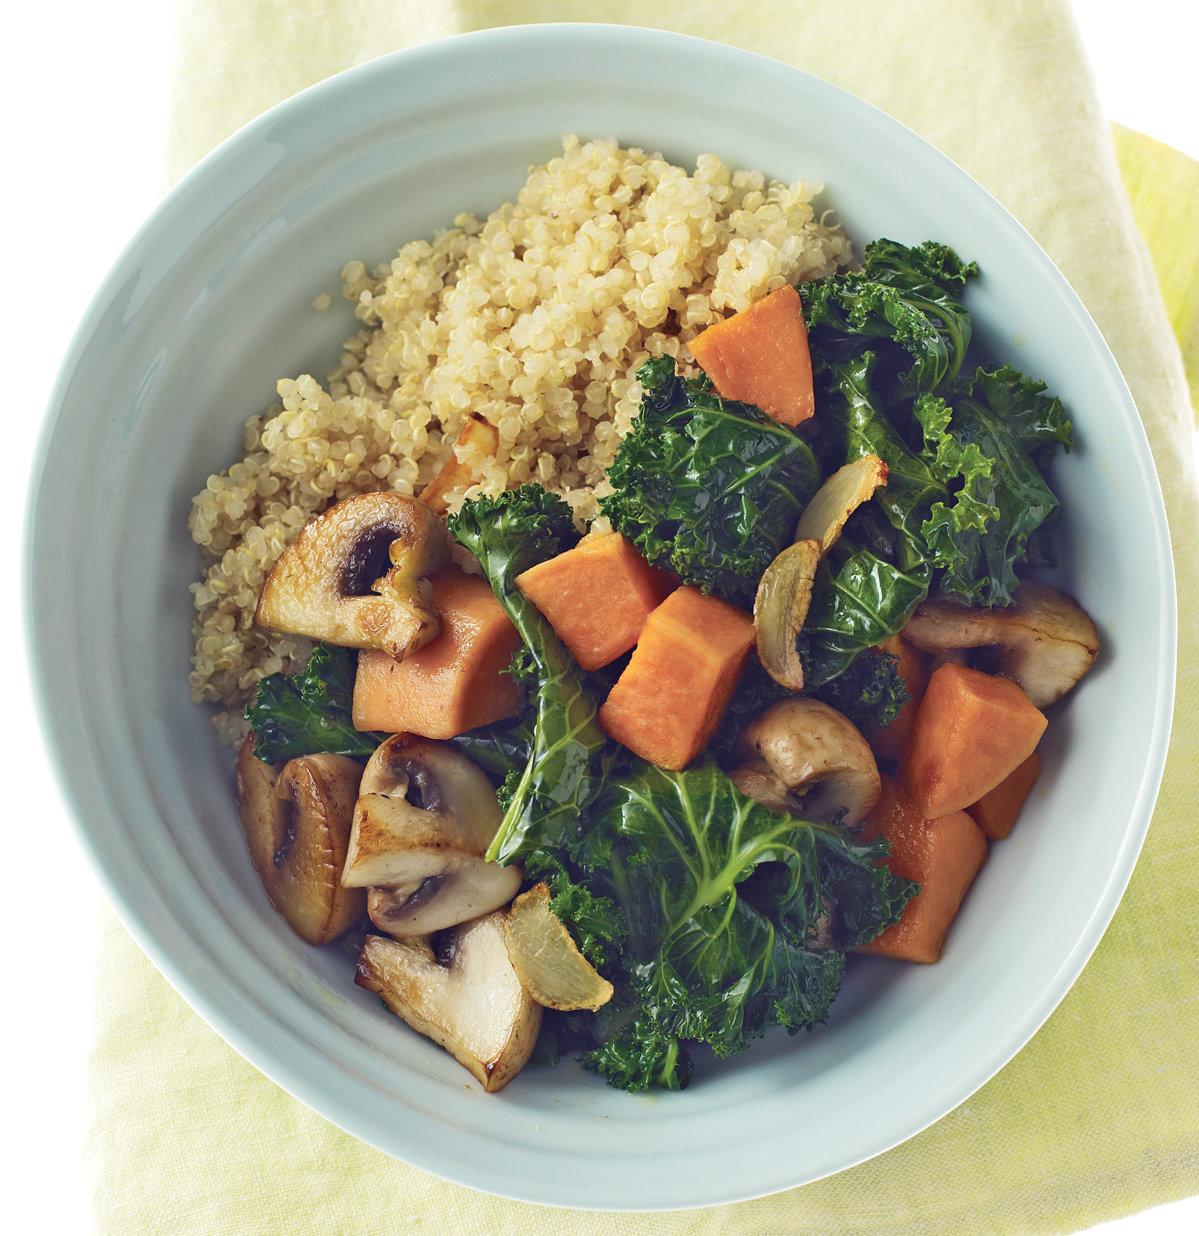 cocidos ricos y fáciles de hacer, quinoa blanca cocida con champiñones, batatas y col rizada, más de 80 ideas de recetas bajas en calorias